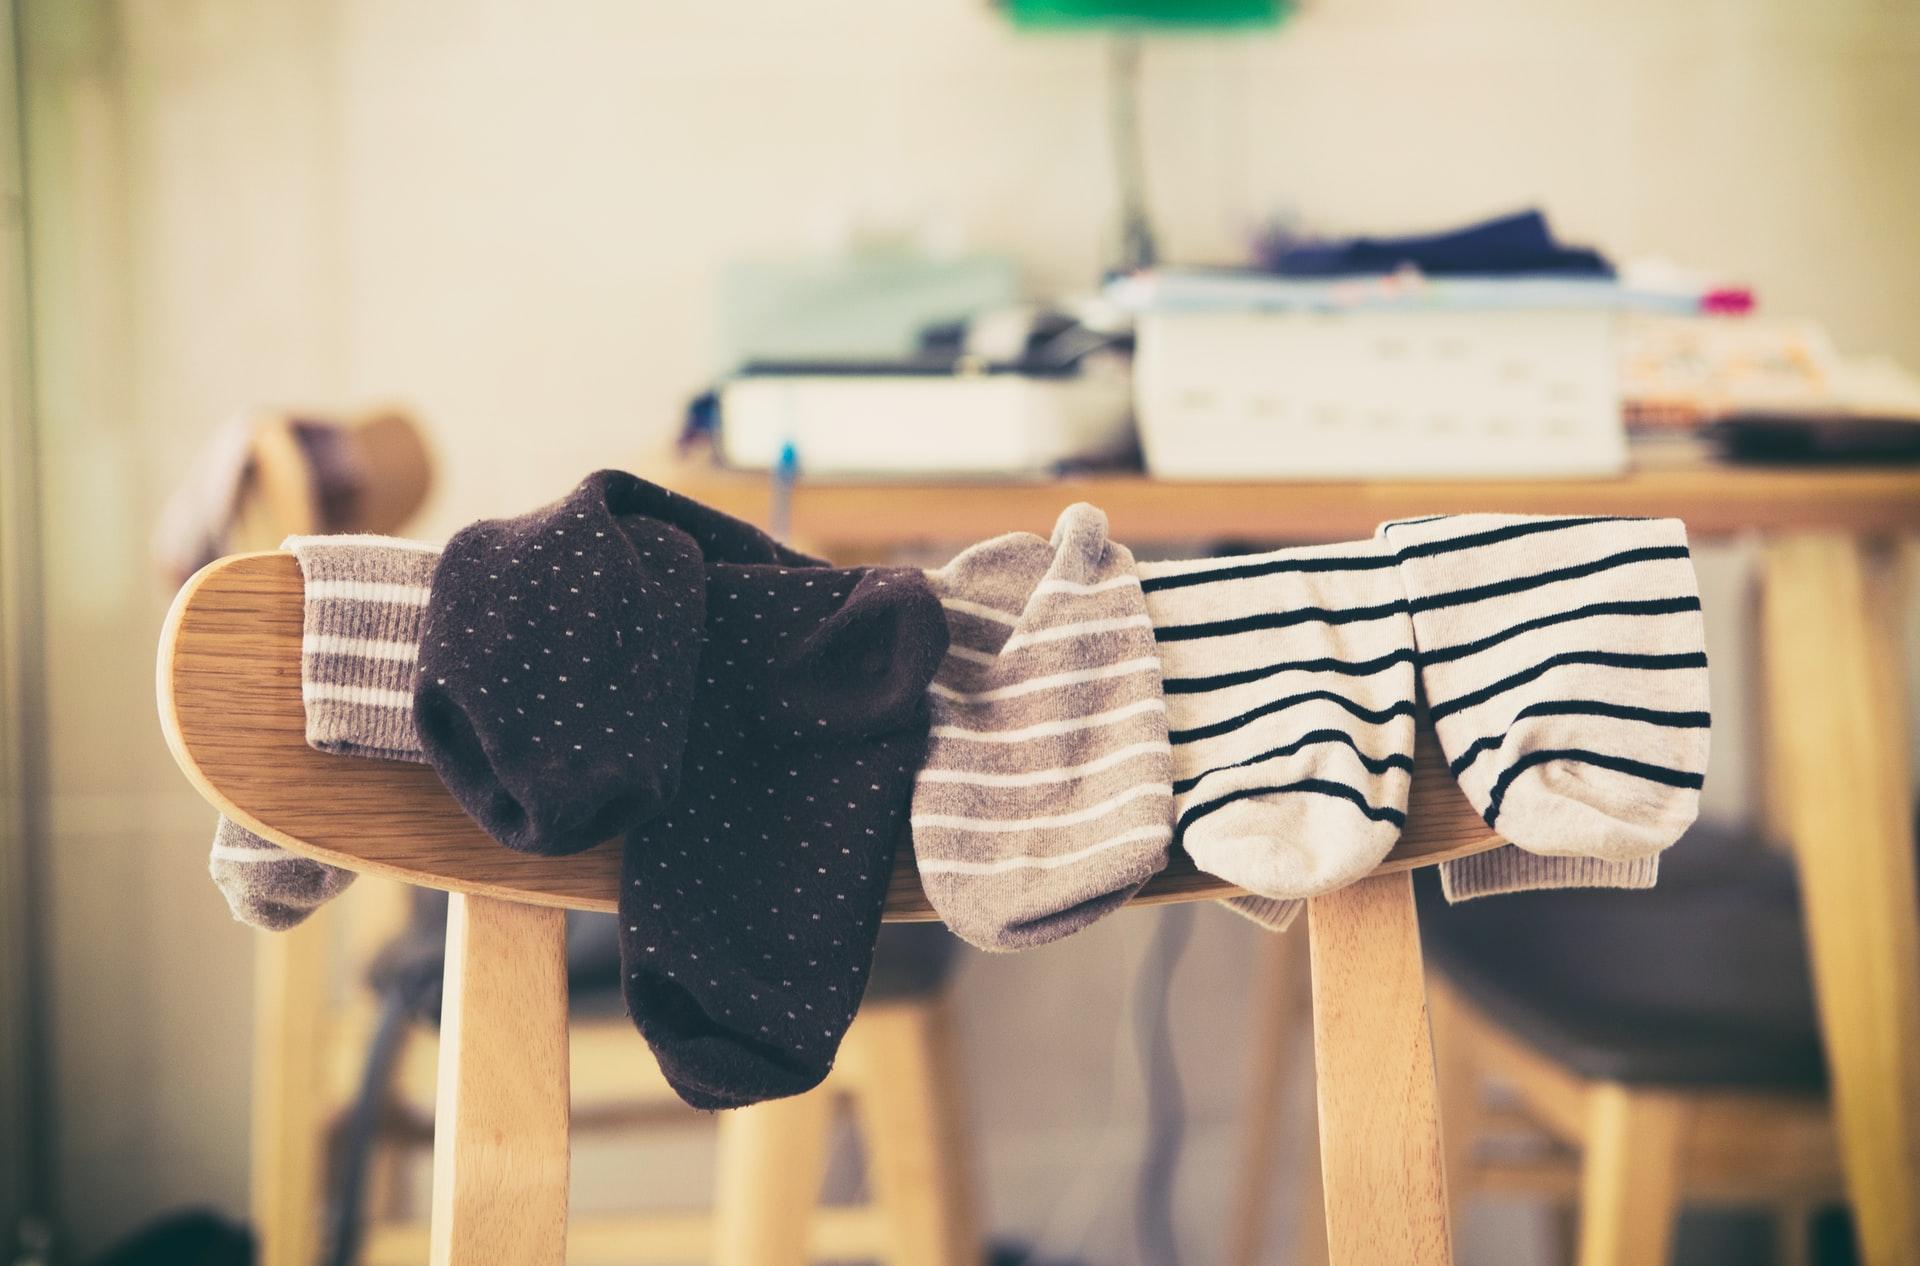 calzini per stare a casa